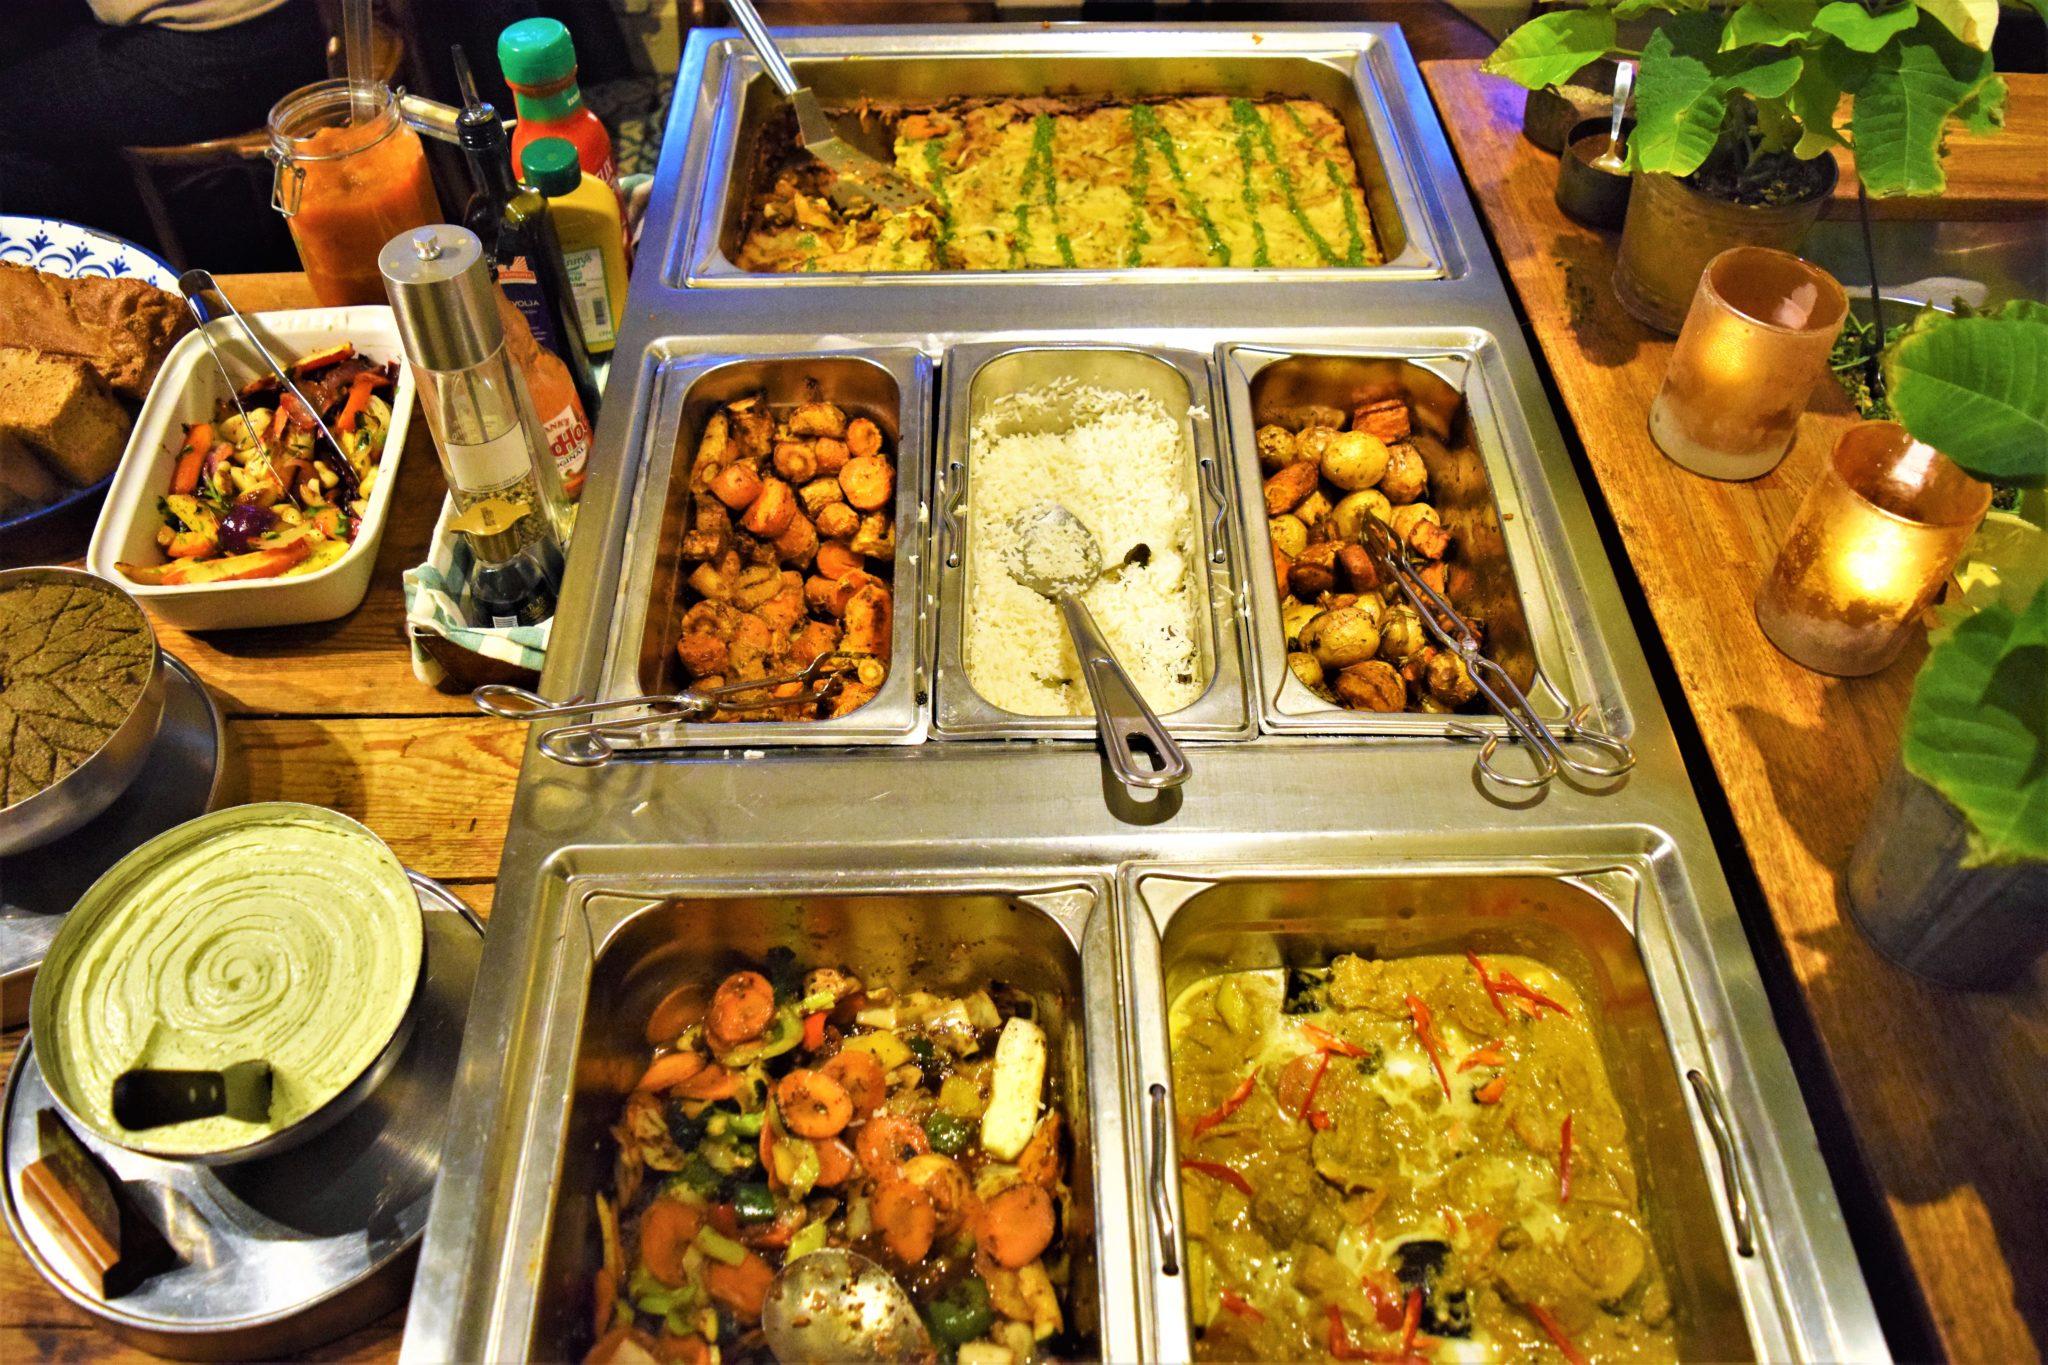 Hermans vegan buffet, stockholm, sweden